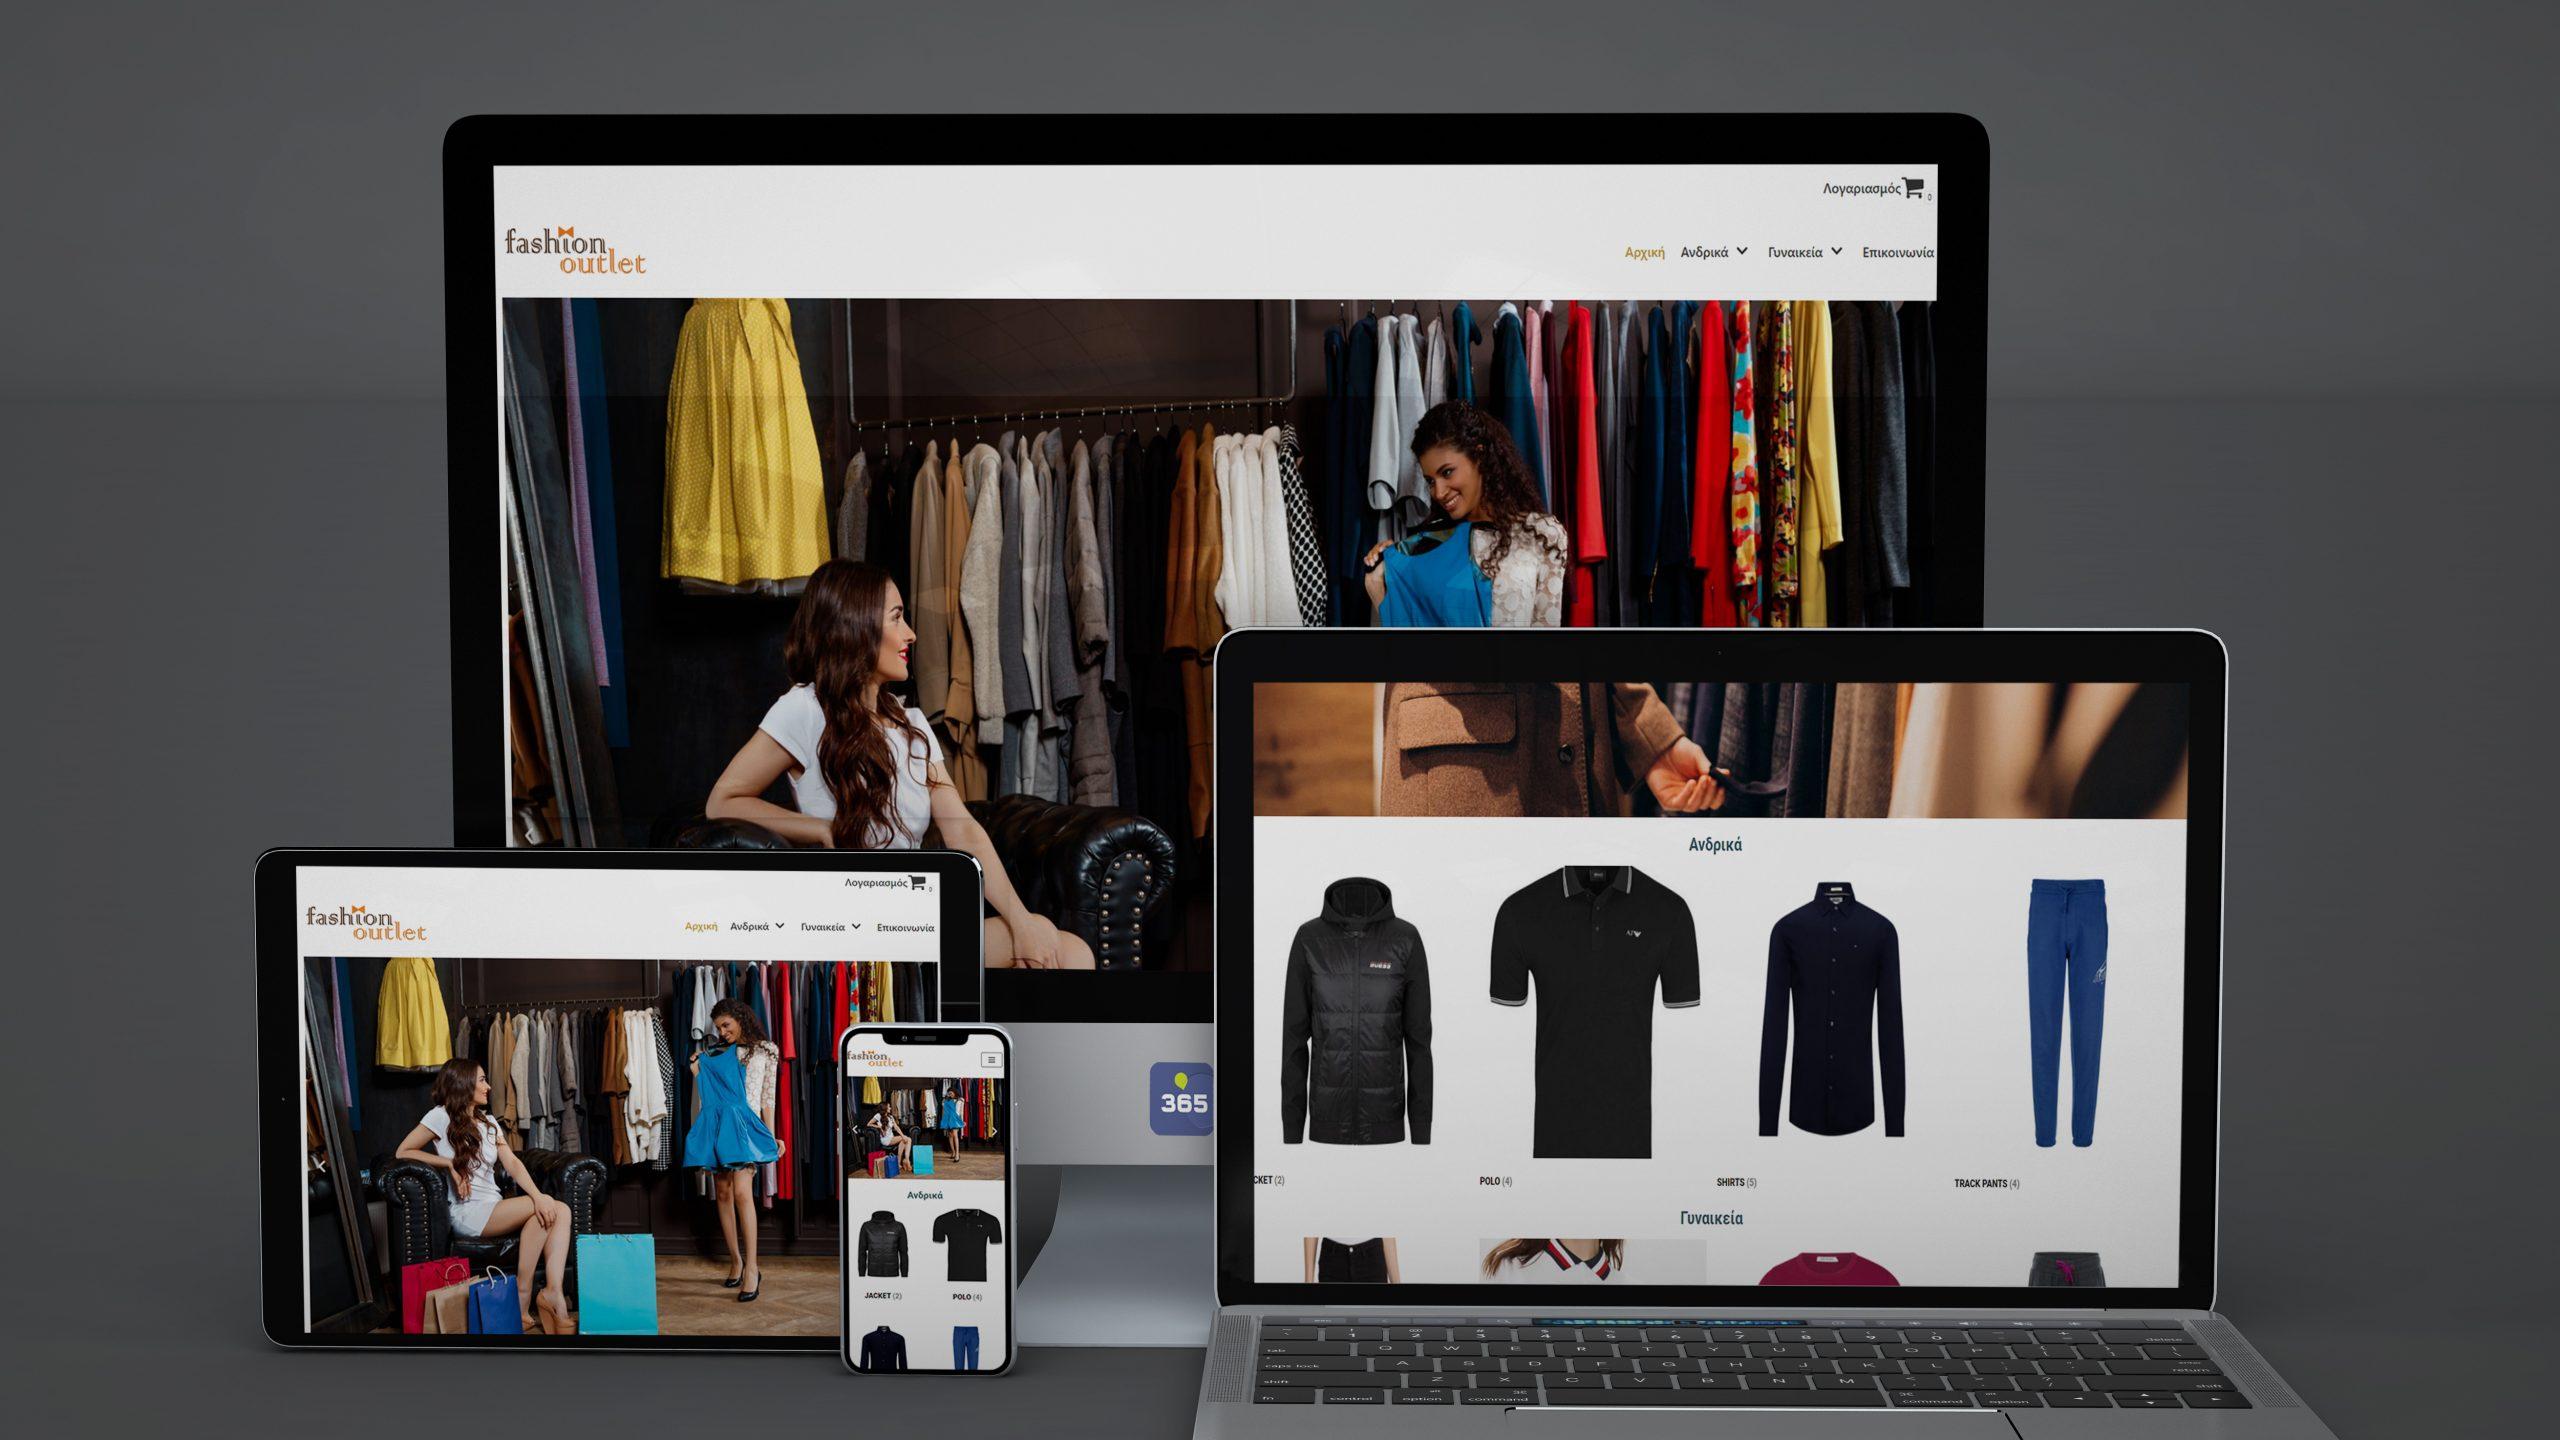 Eshop WEBPROMOTION 365 fashionoutlet.com.gr